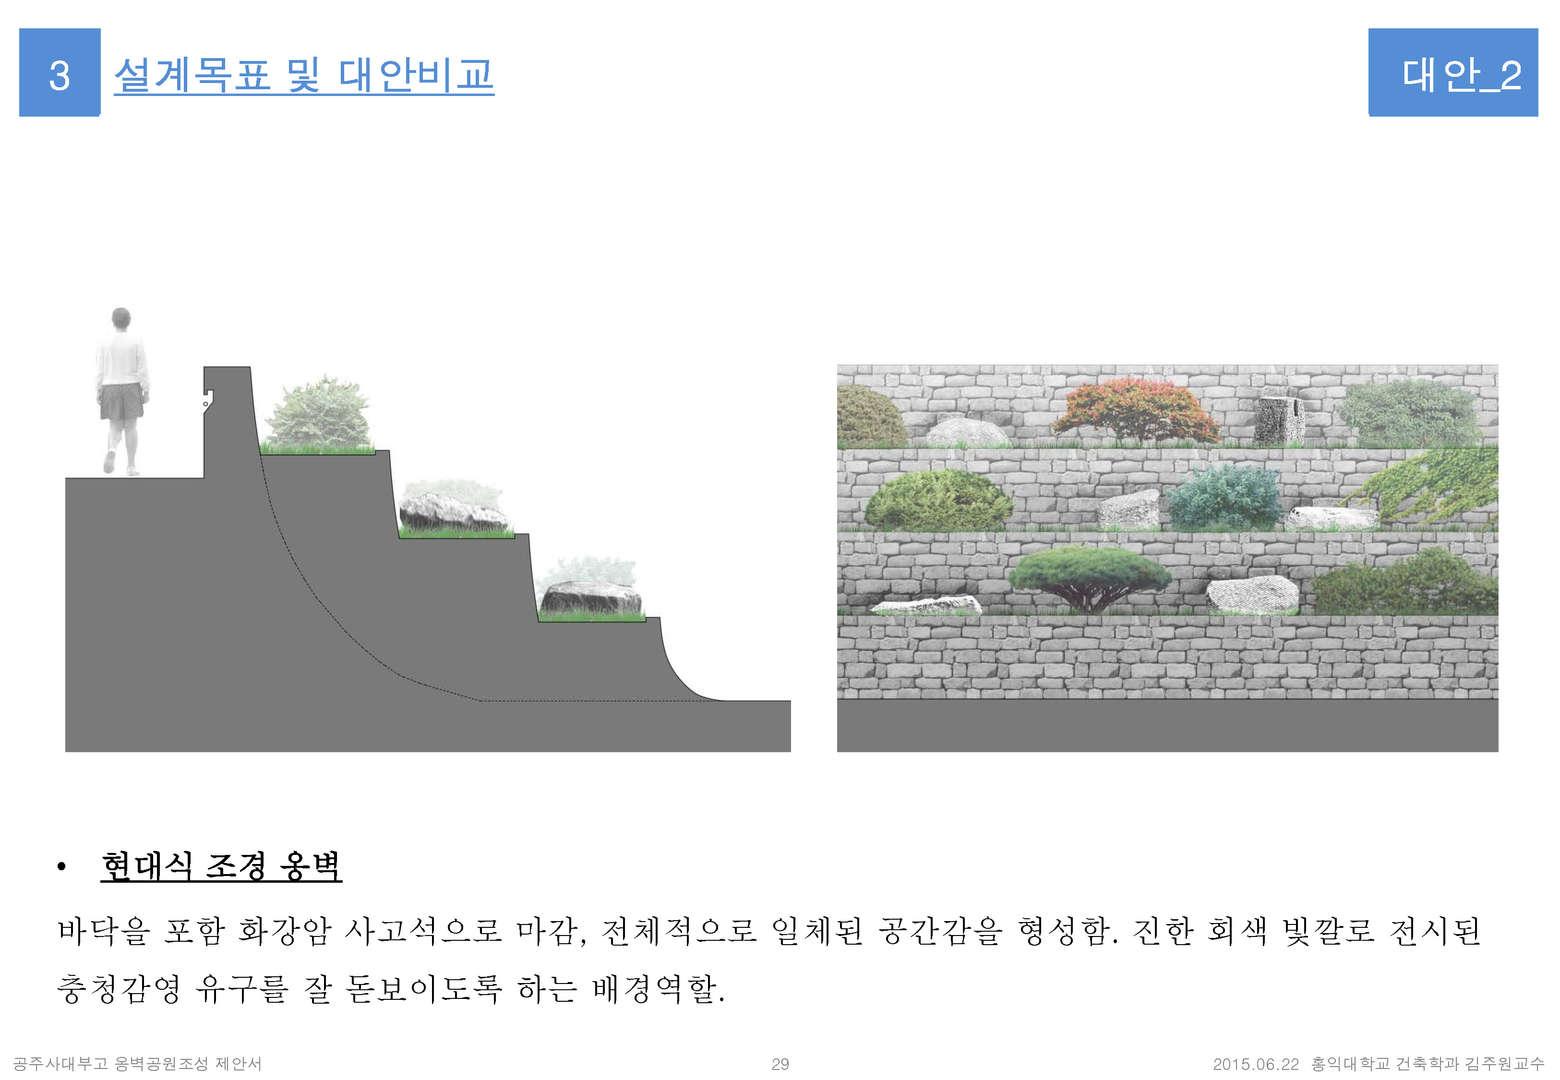 공주사대부고옹벽공원조성제안서4_페이지_29.jpg